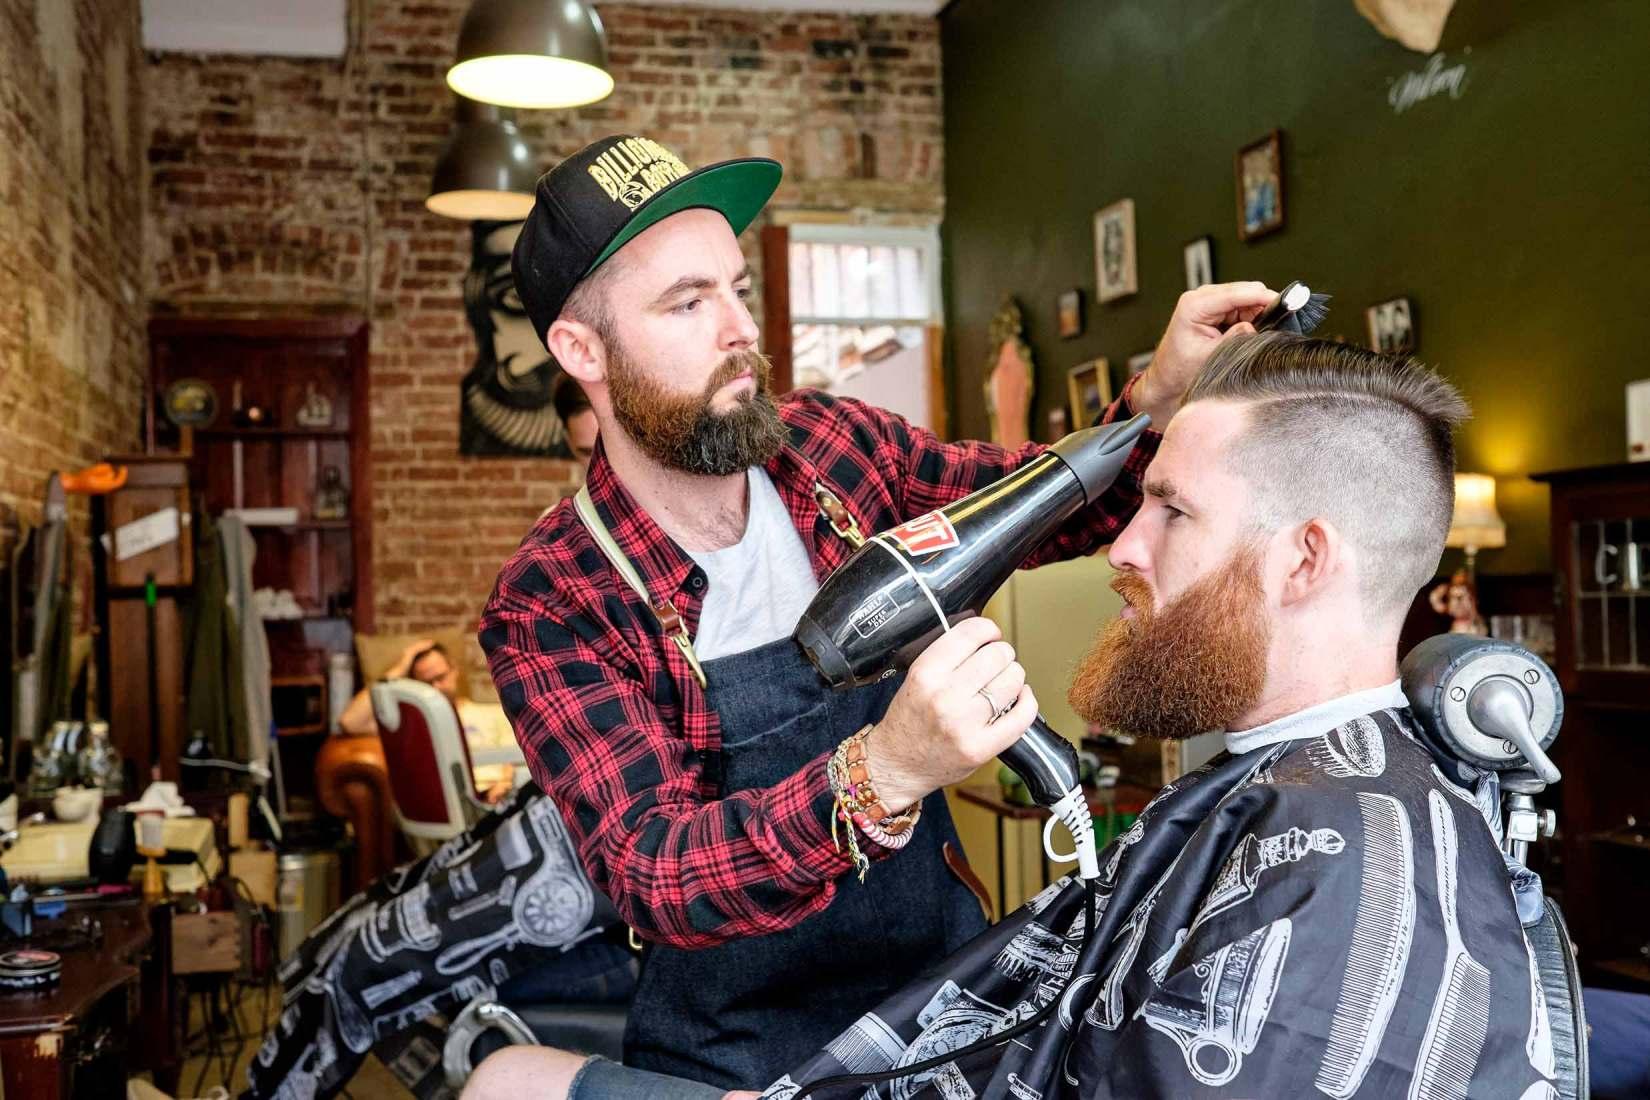 15101-0299-Image-Workshop-melbourne-photographer-tourism-travel-barber-culture-hipster